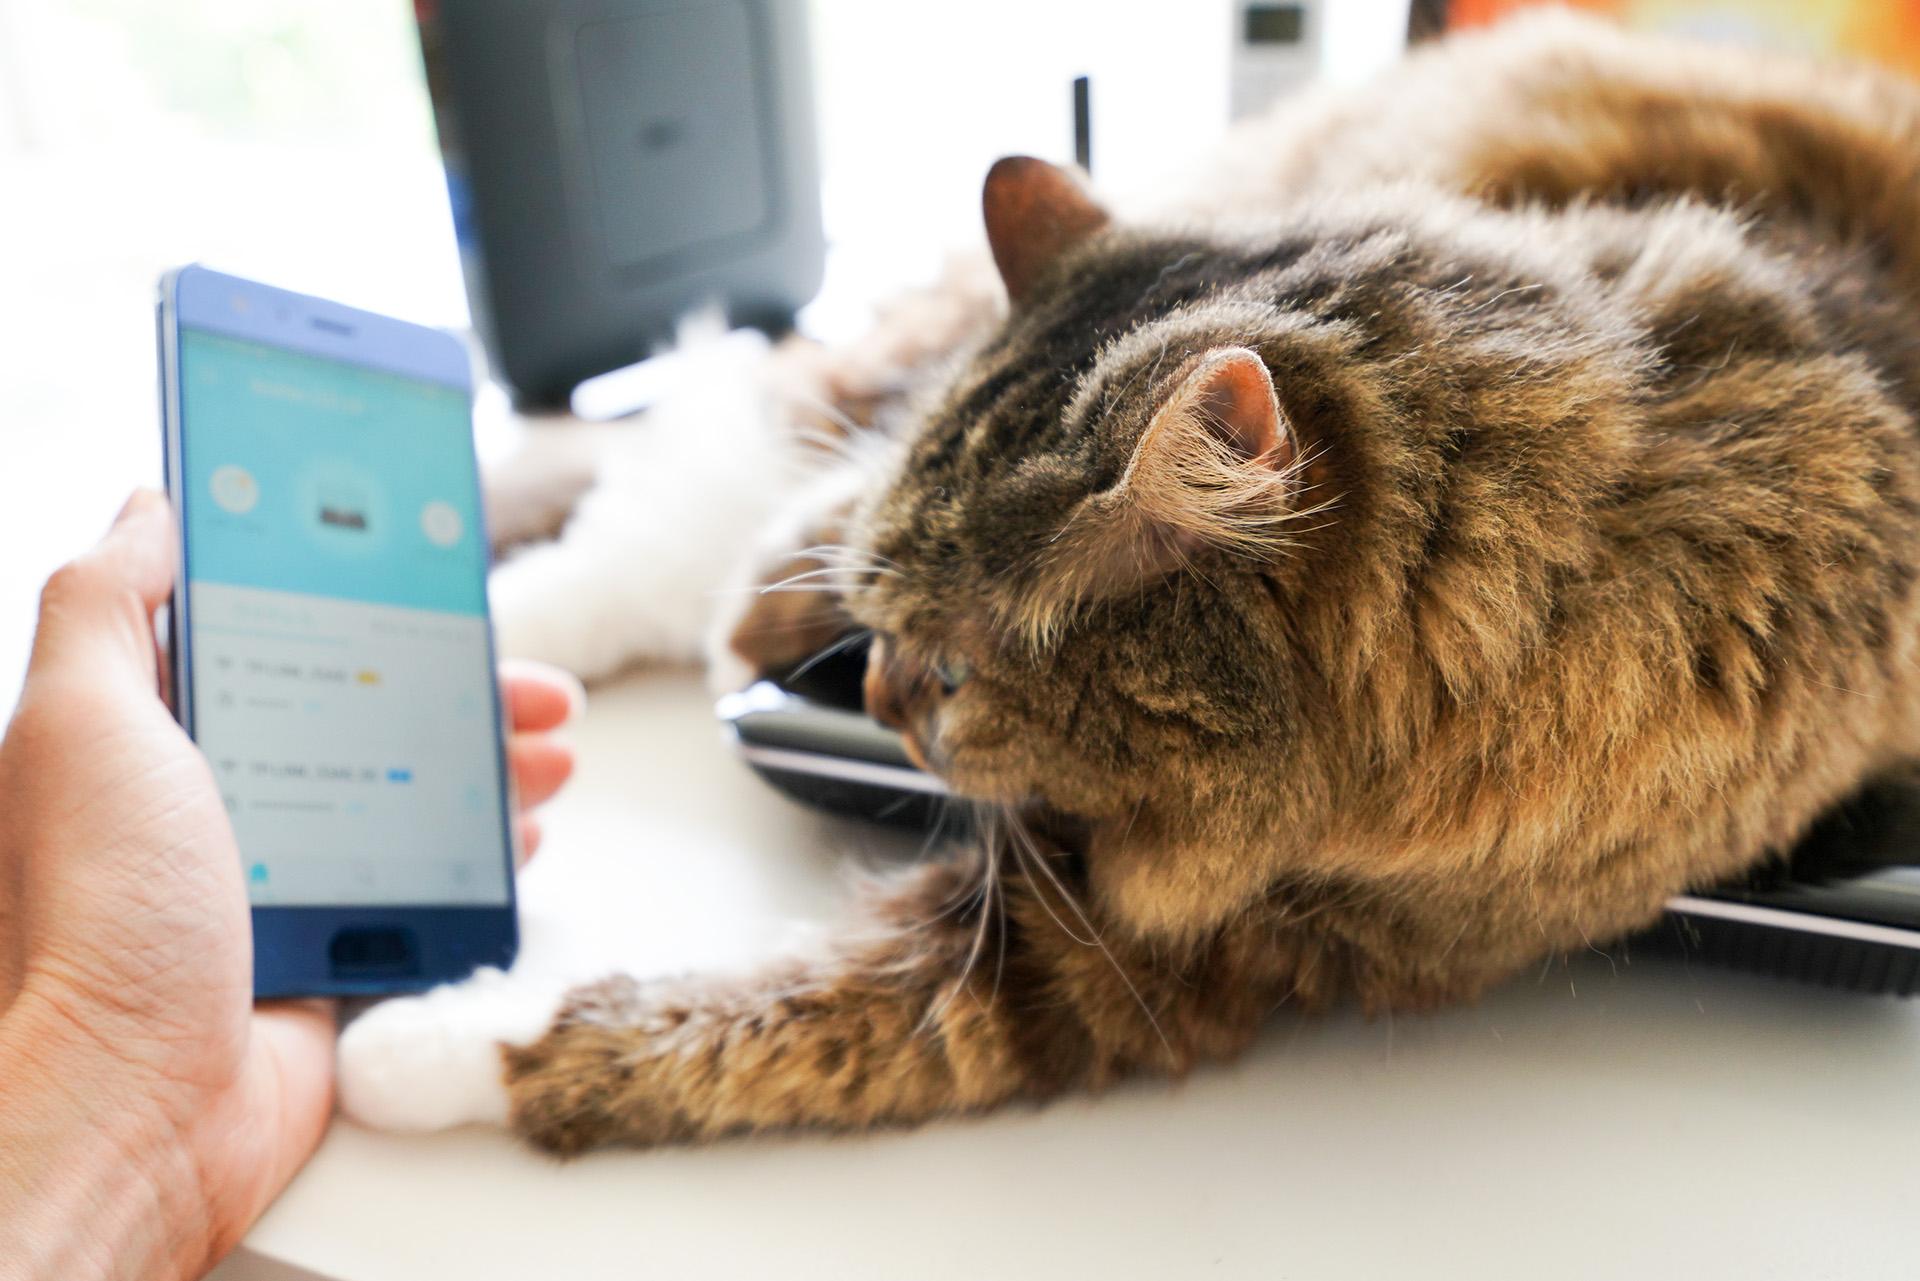 自宅Wi-Fiが二重ルーターになっているかの確認は、経路が表示できればカンタンだ。とはいっても、猫でもチェックできるワケではないが